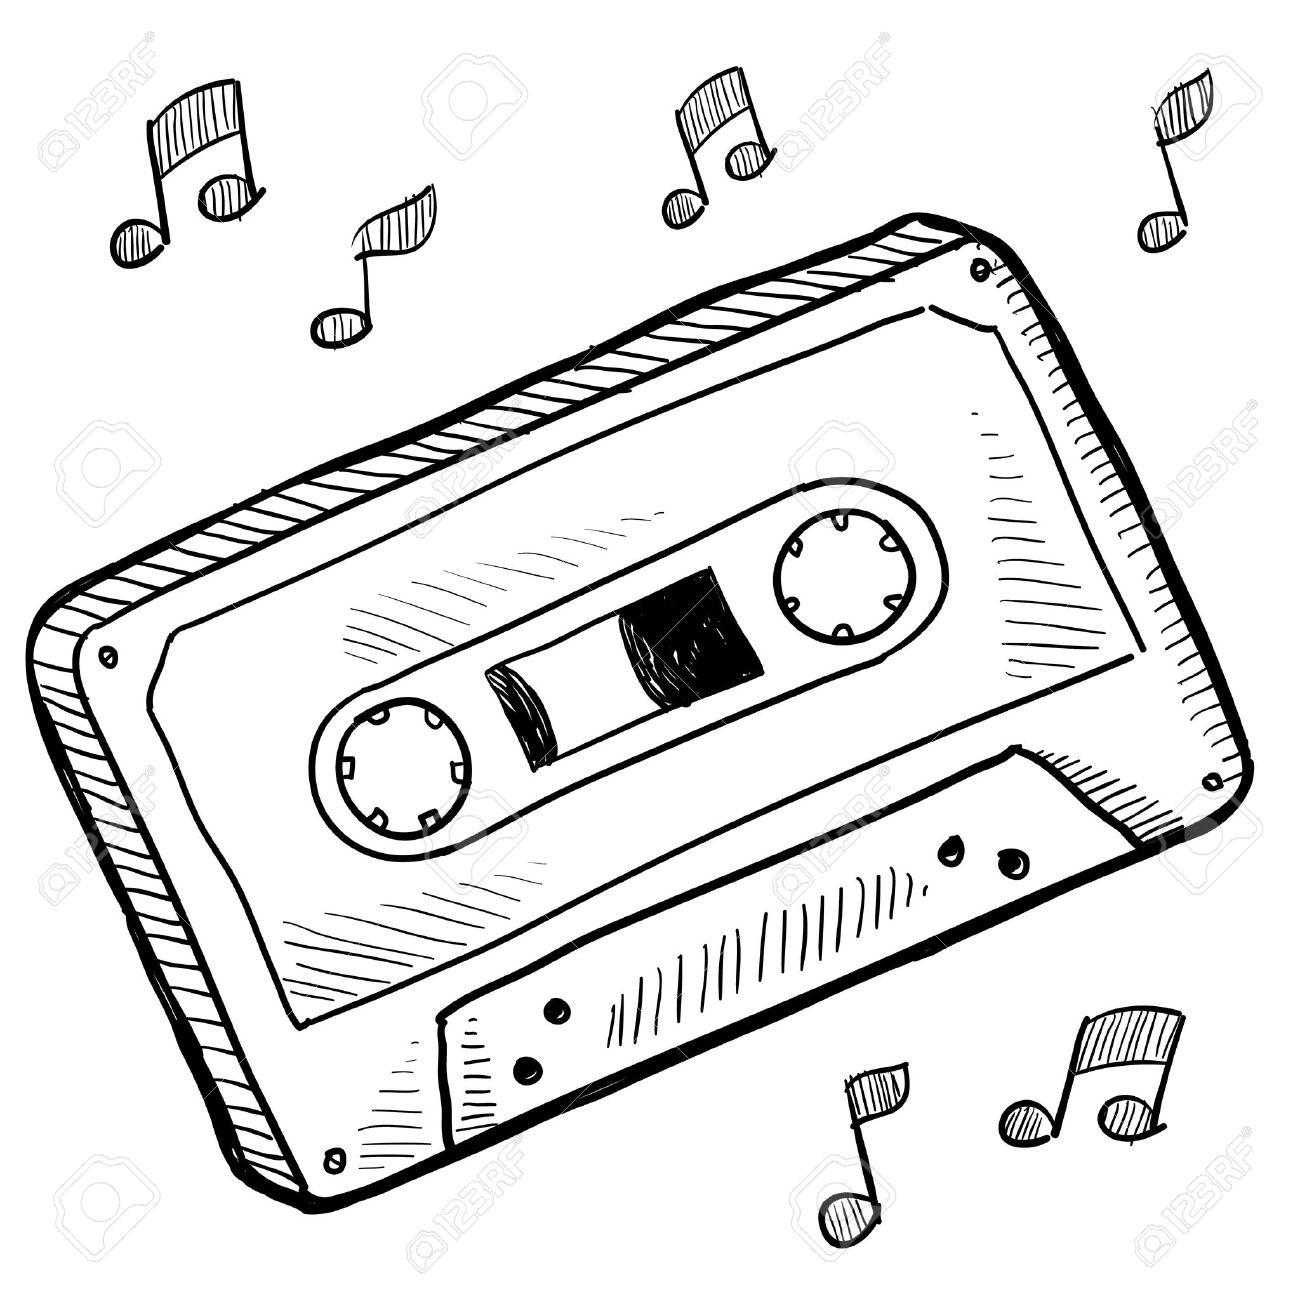 落書きスタイル カセット テープ ベクトル イラスト の写真素材画像